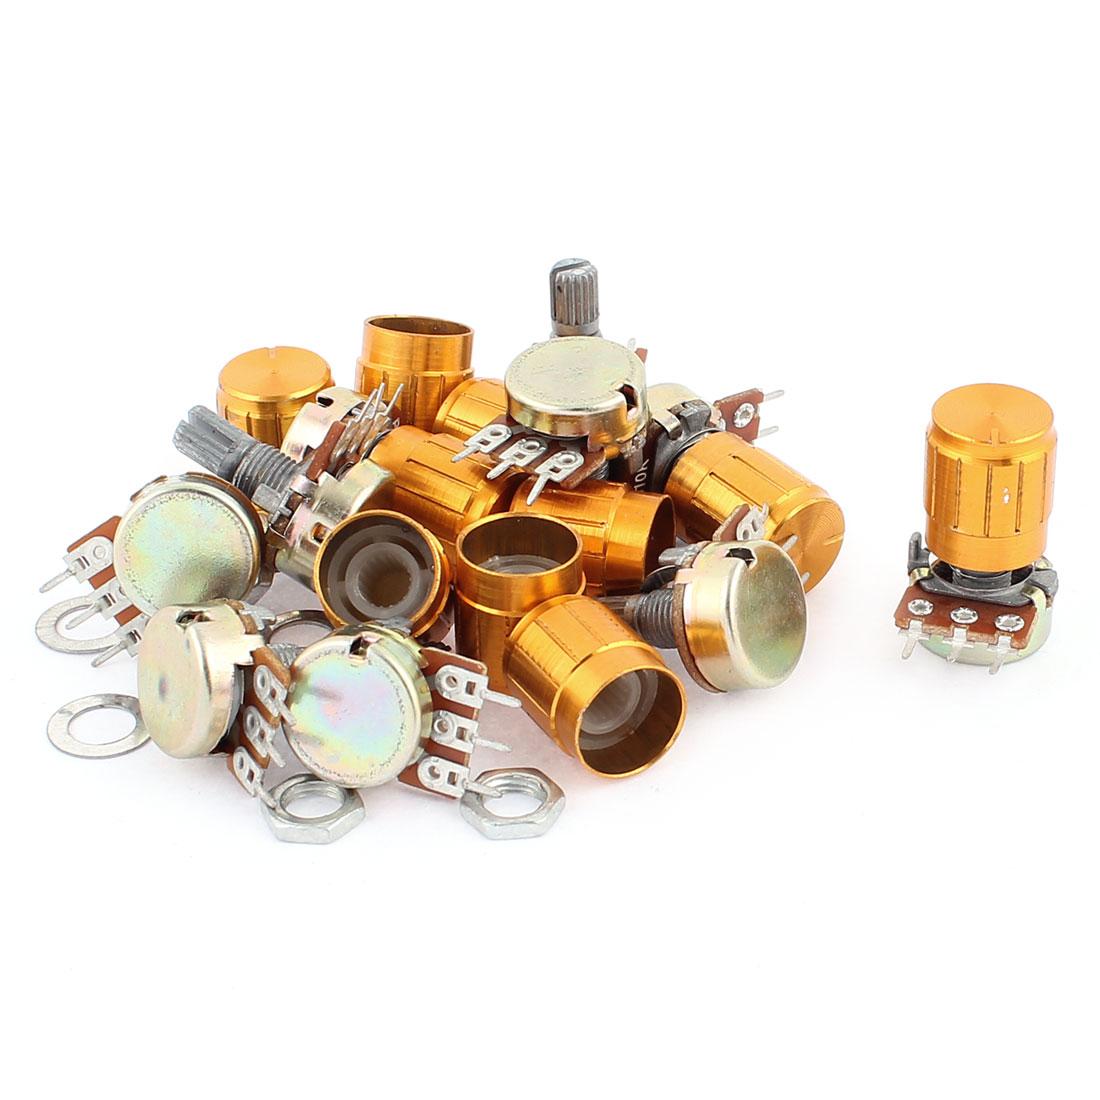 10Pcs B10K 15mm Knurled Shaft Single Linear Rotary Taper Potentiometers w Knob